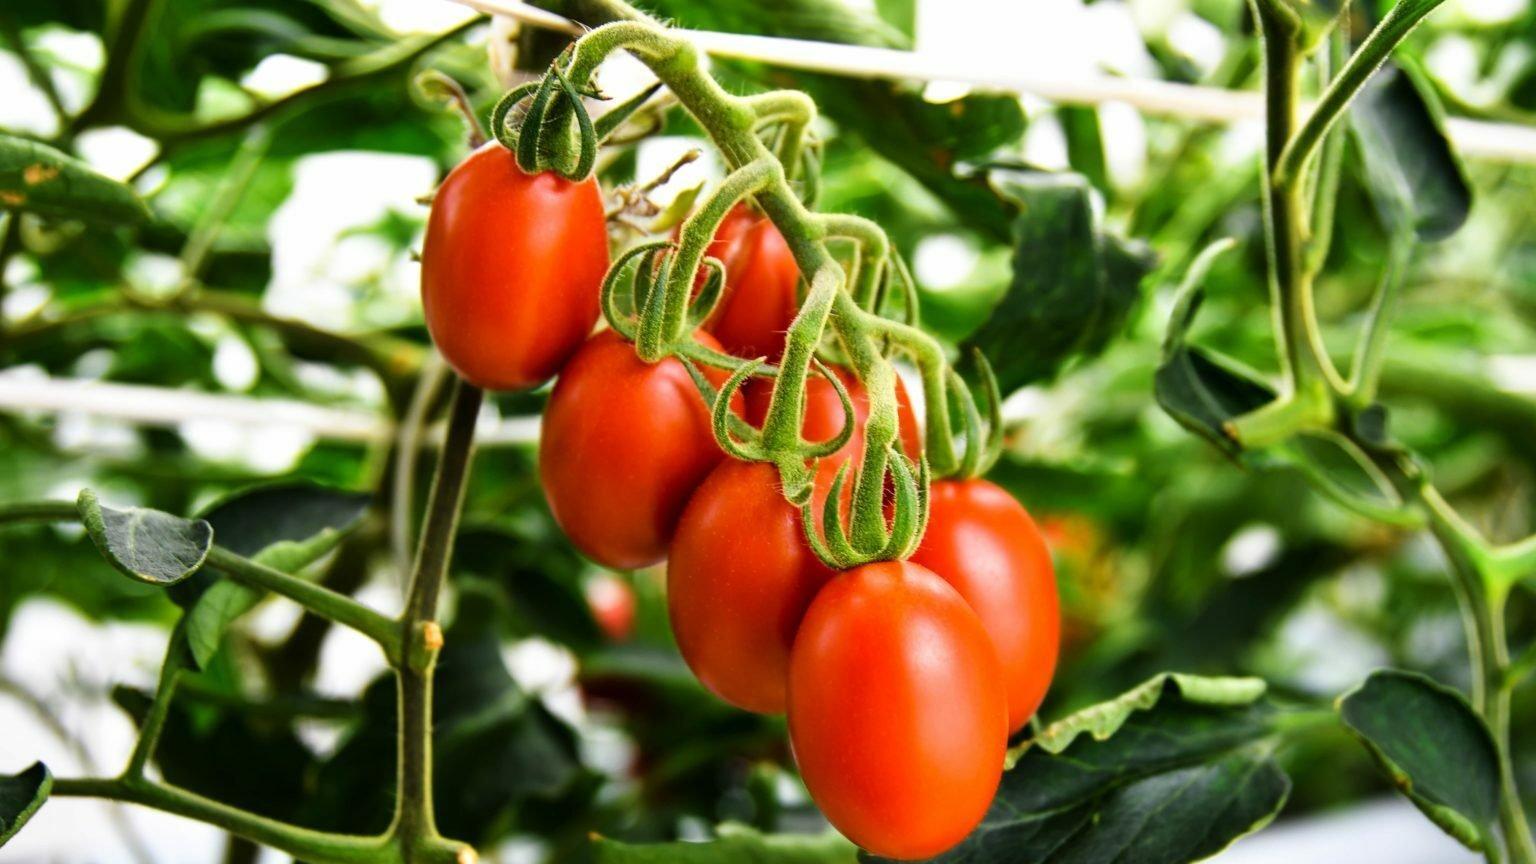 Äußerlich gewöhnliche Tomaten hängen an einem Strauch. Sie wurden mit Gentechnik gezüchtet und senken den Blutdruck